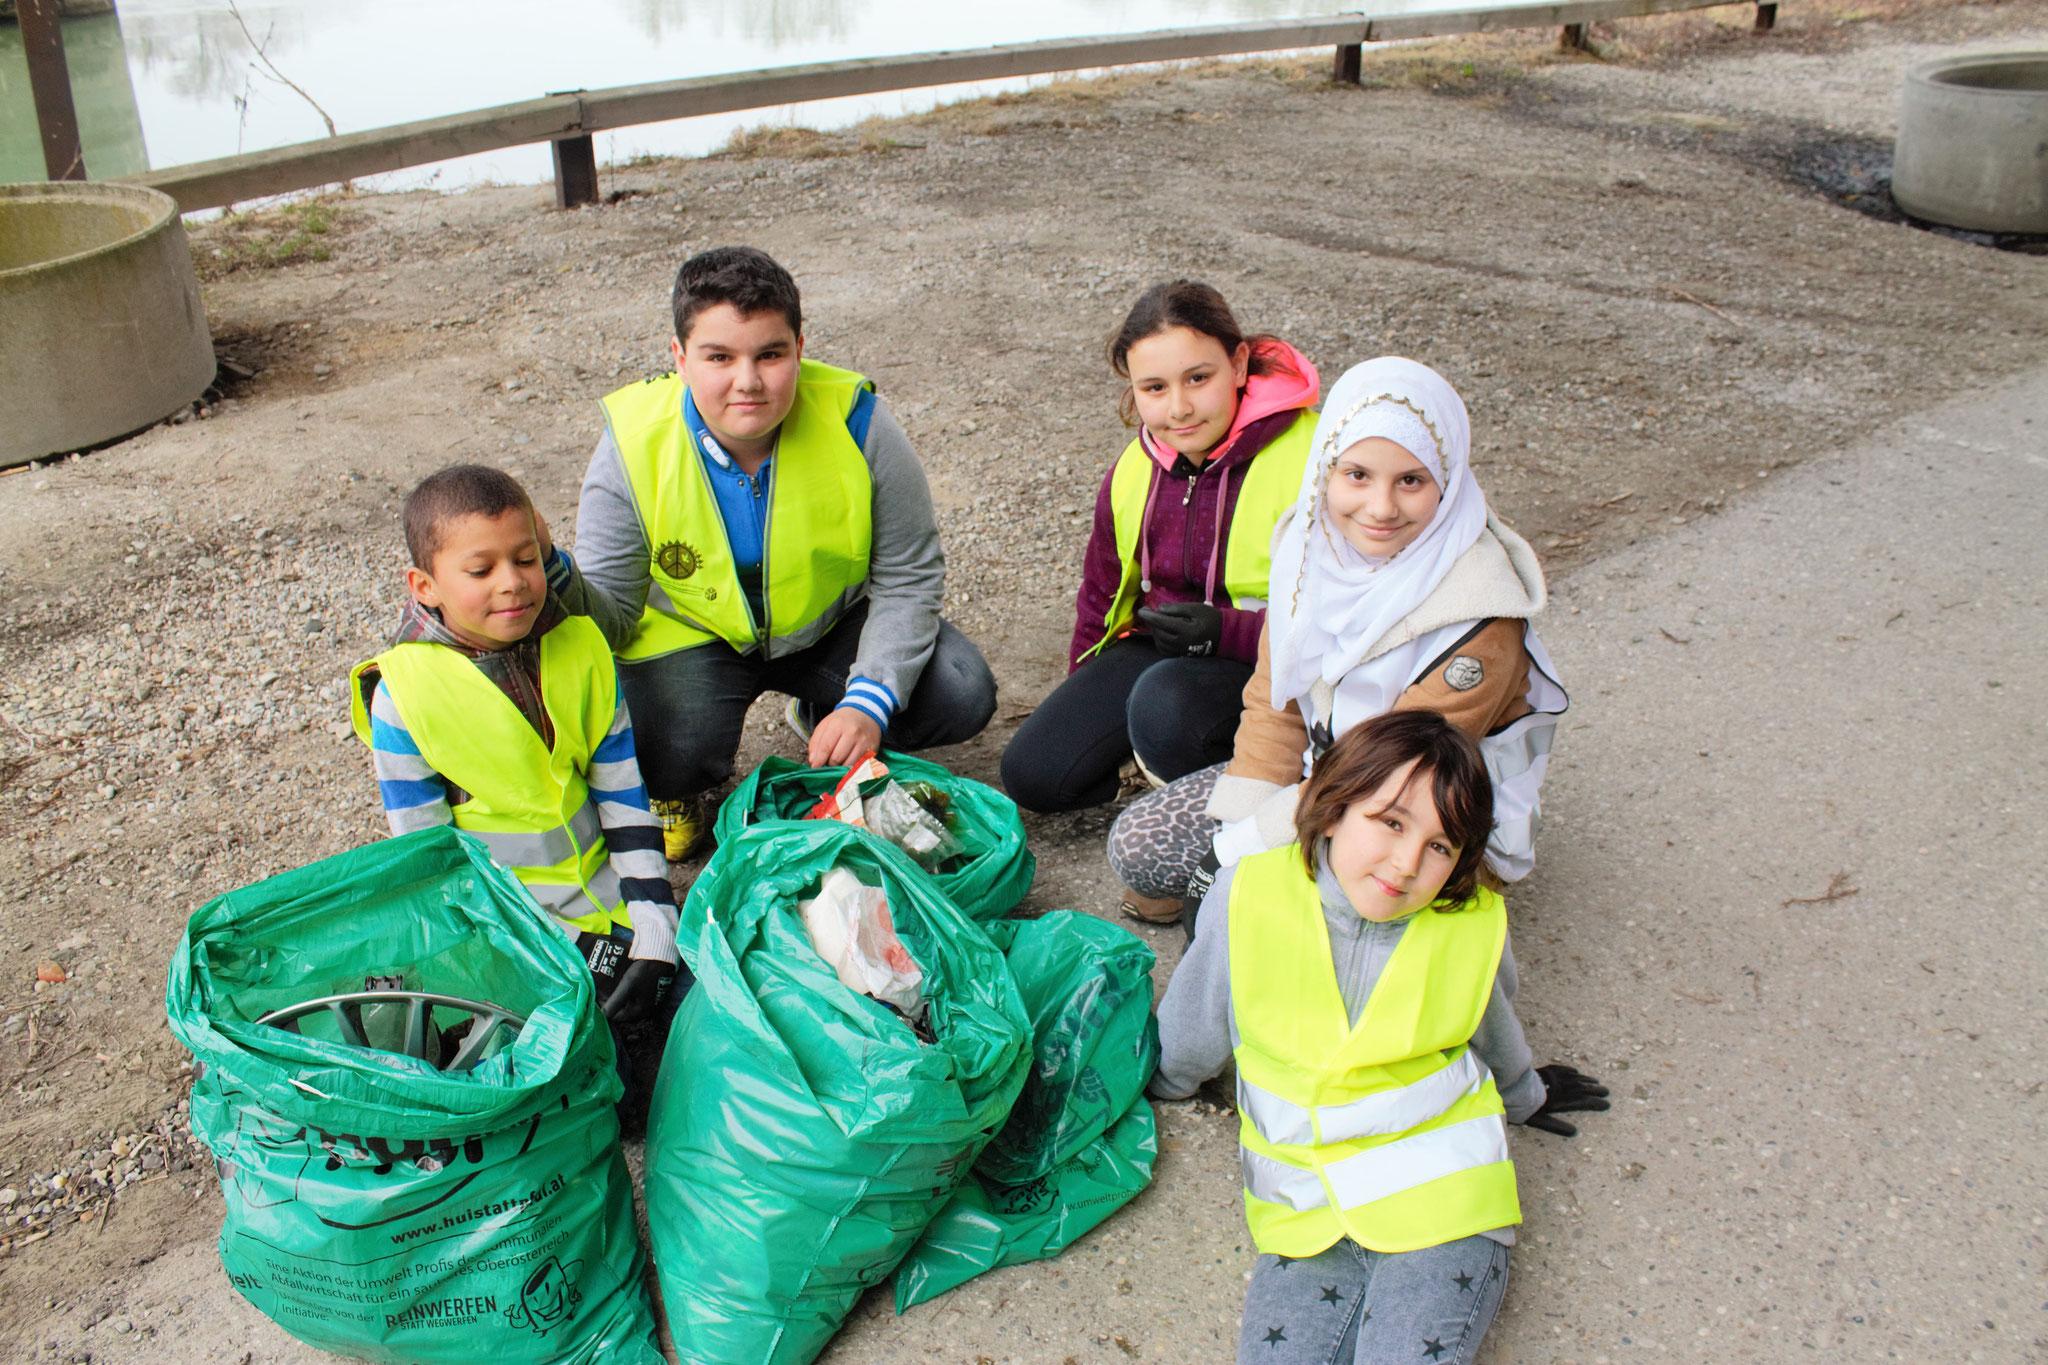 Umweltprofis zeigen den gesammelten Müll